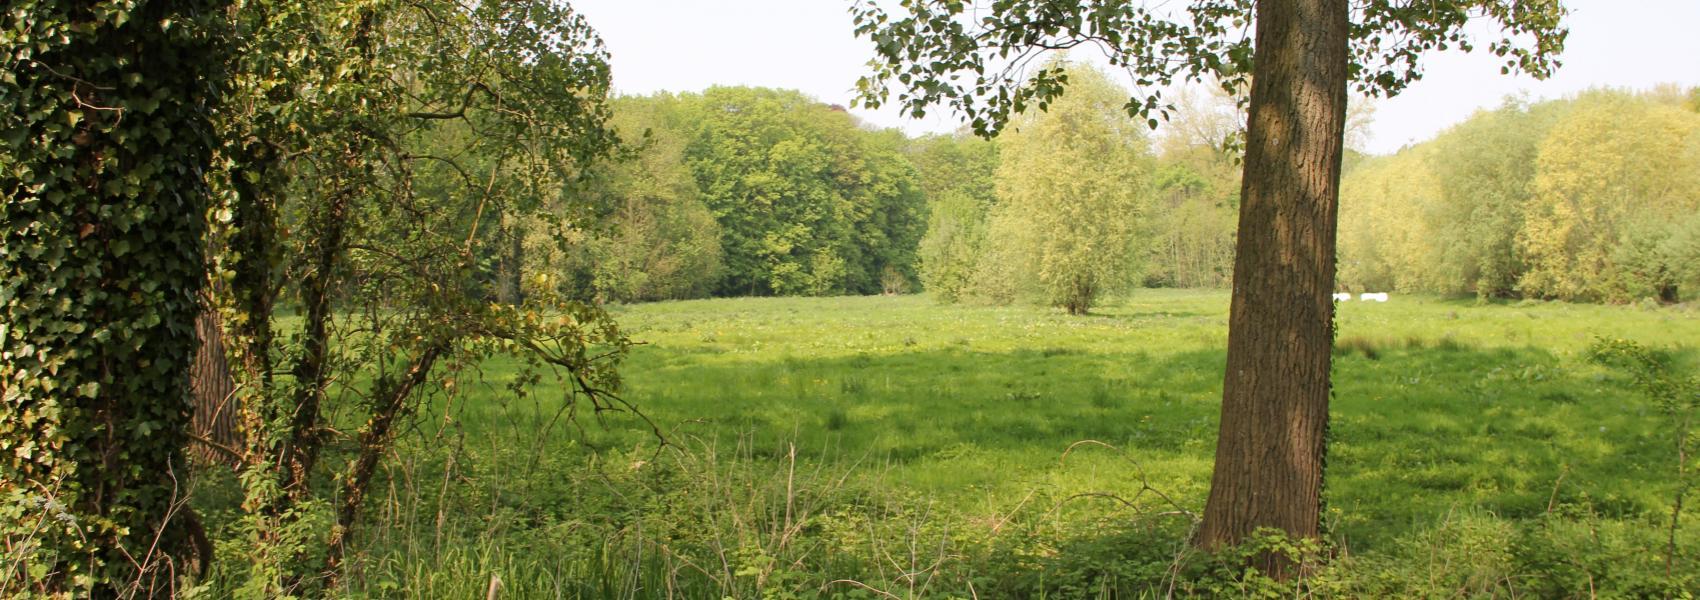 zicht op het landschap